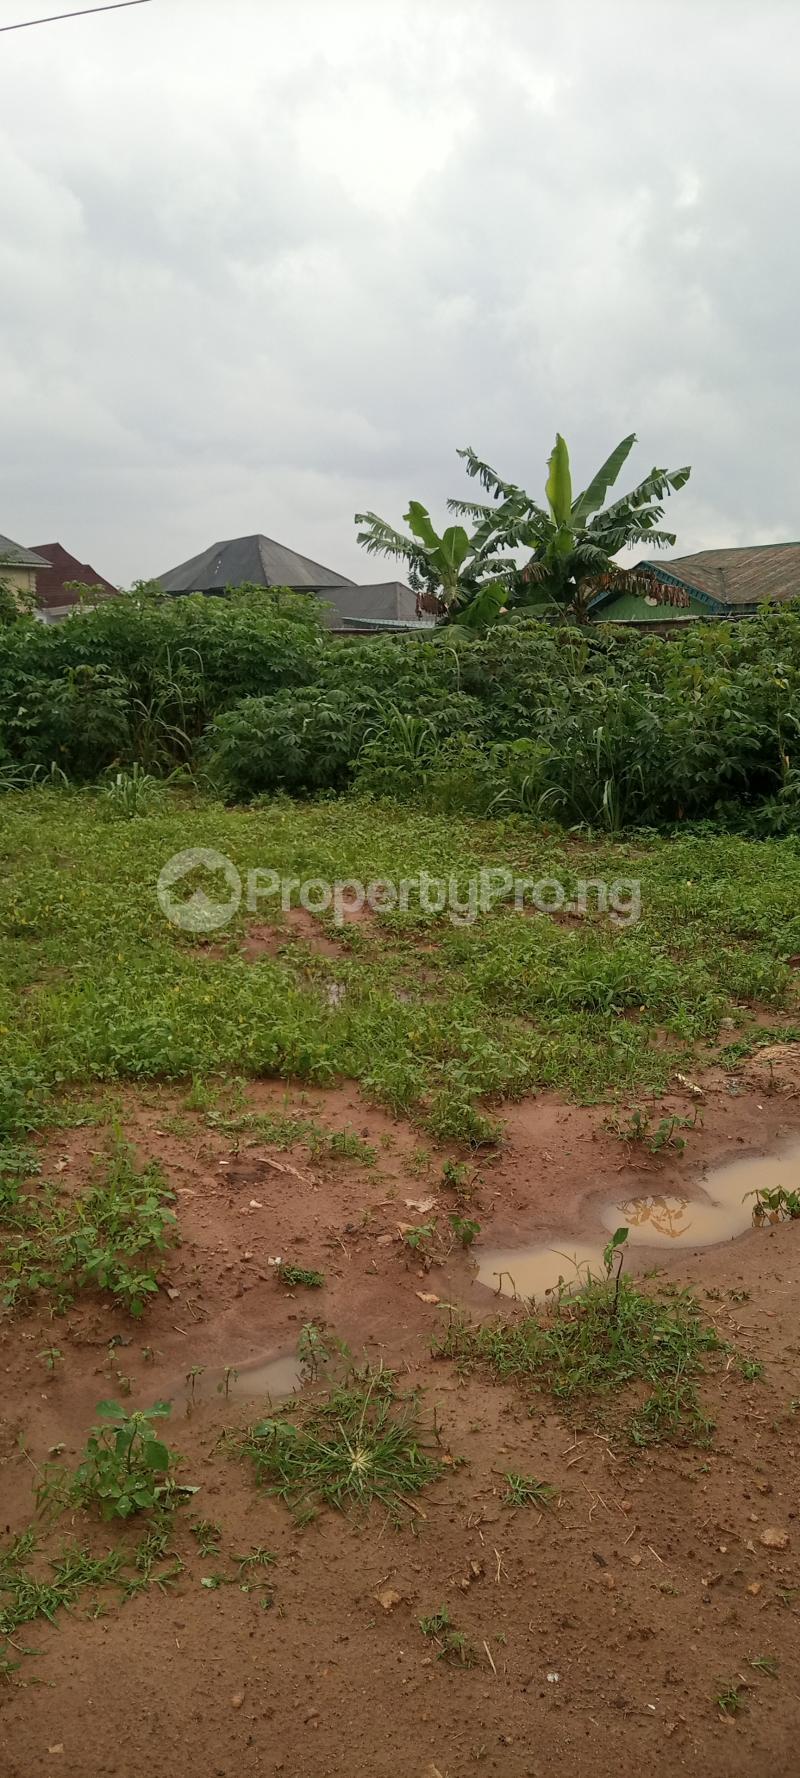 Residential Land for sale Road13, Av13 Fagun Estate Ondo Ondo West Ondo - 2